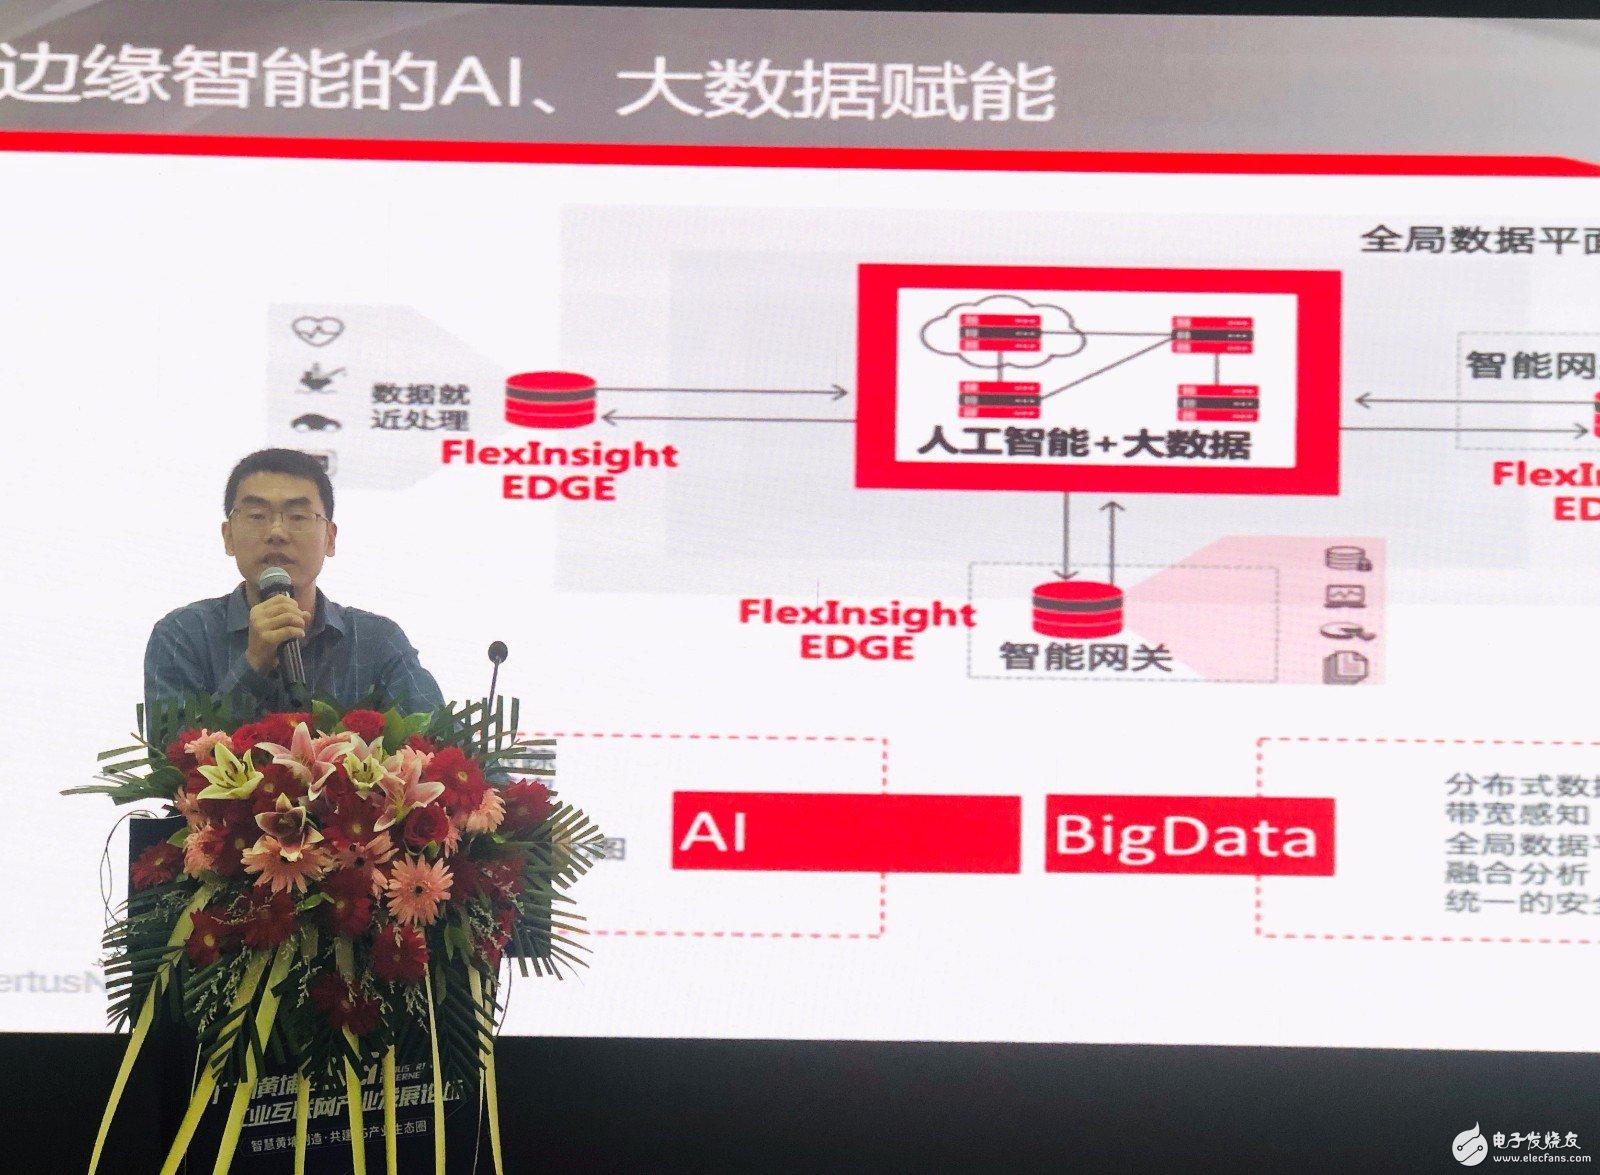 广州移动携手广东赛特斯等合作伙伴共同成立了5G创新应用联合实验室